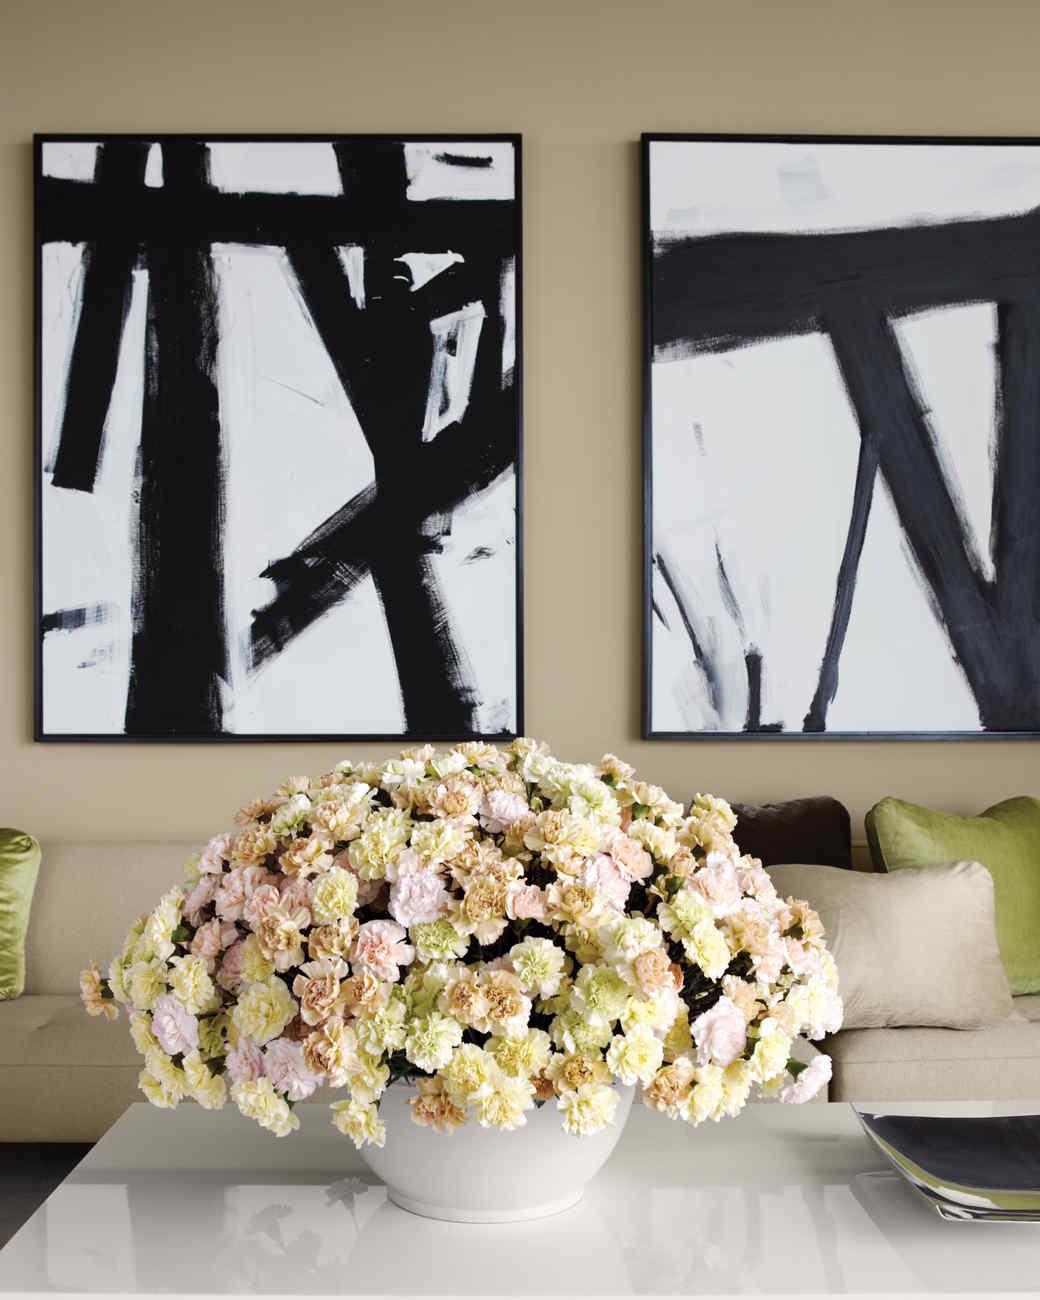 carnations-kevin-0511mld107099.jpg